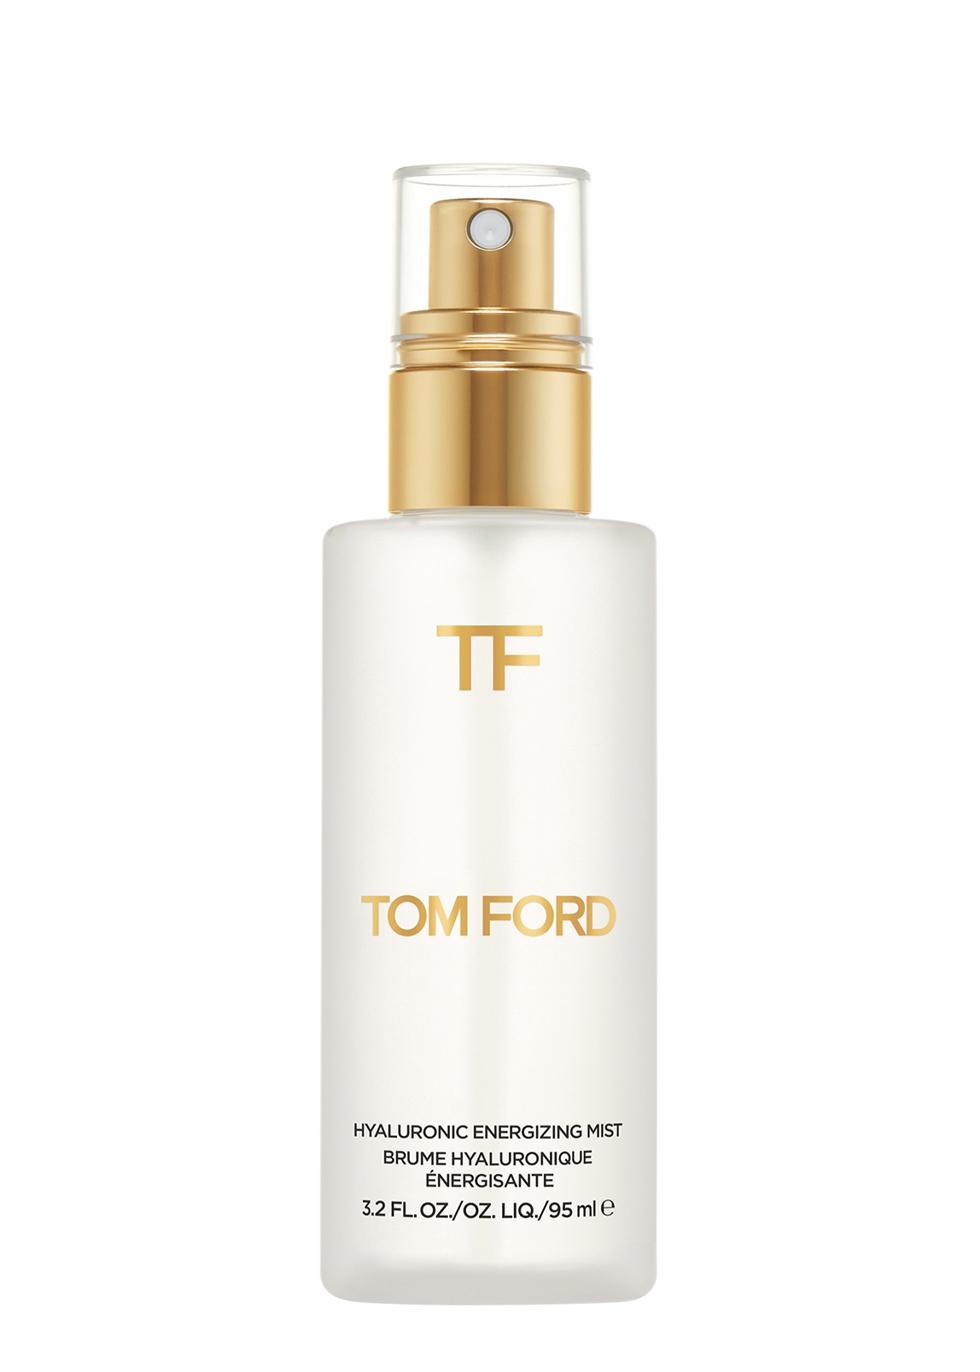 Tom Ford Hyaluronic mist